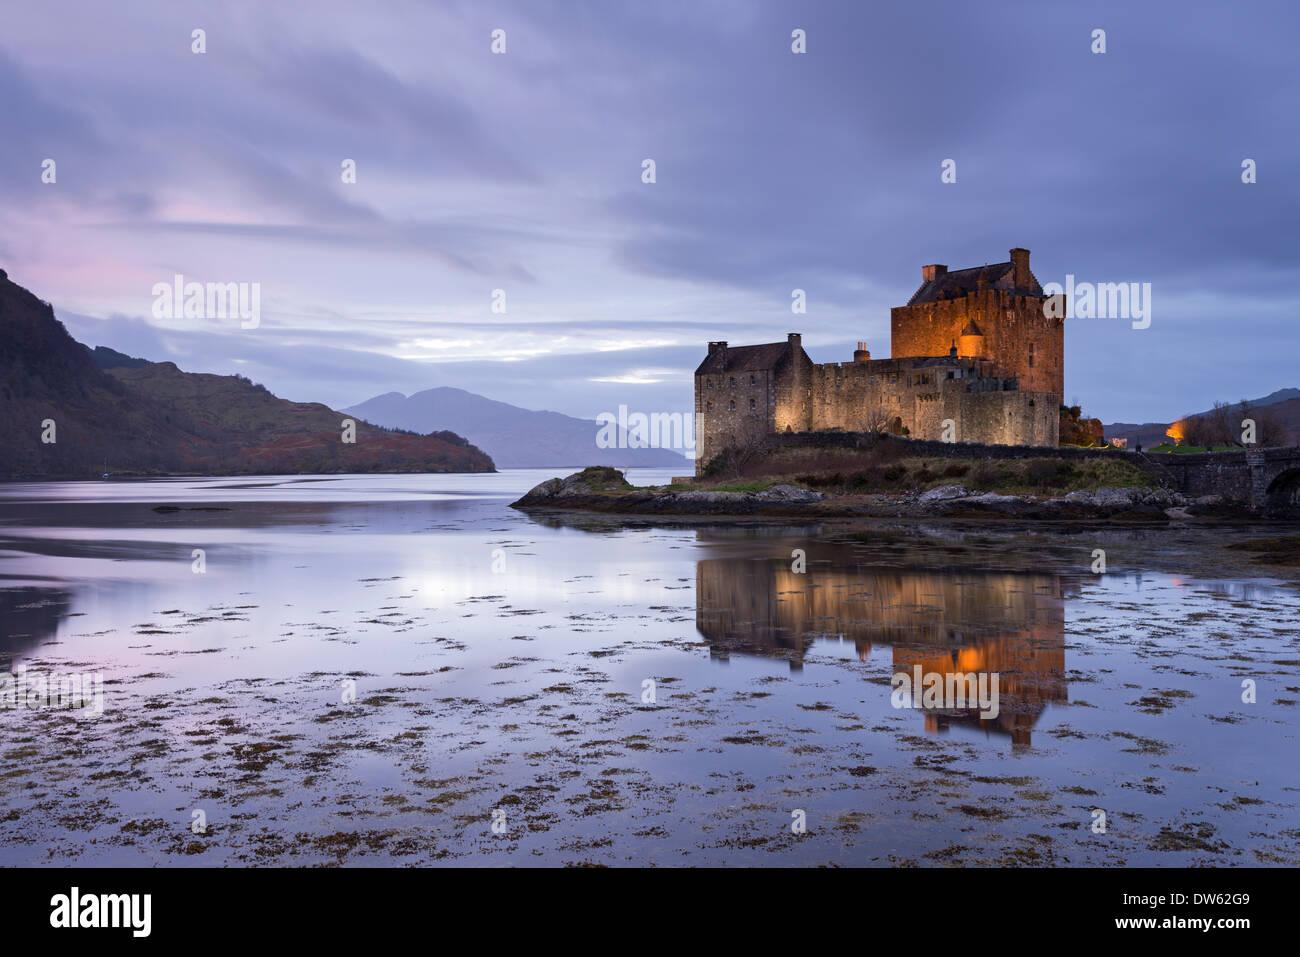 Twilight oltre il Castello Eilean Donan sul Loch Duich, Dornie, Scozia. Inverno (Novembre) 2013. Immagini Stock